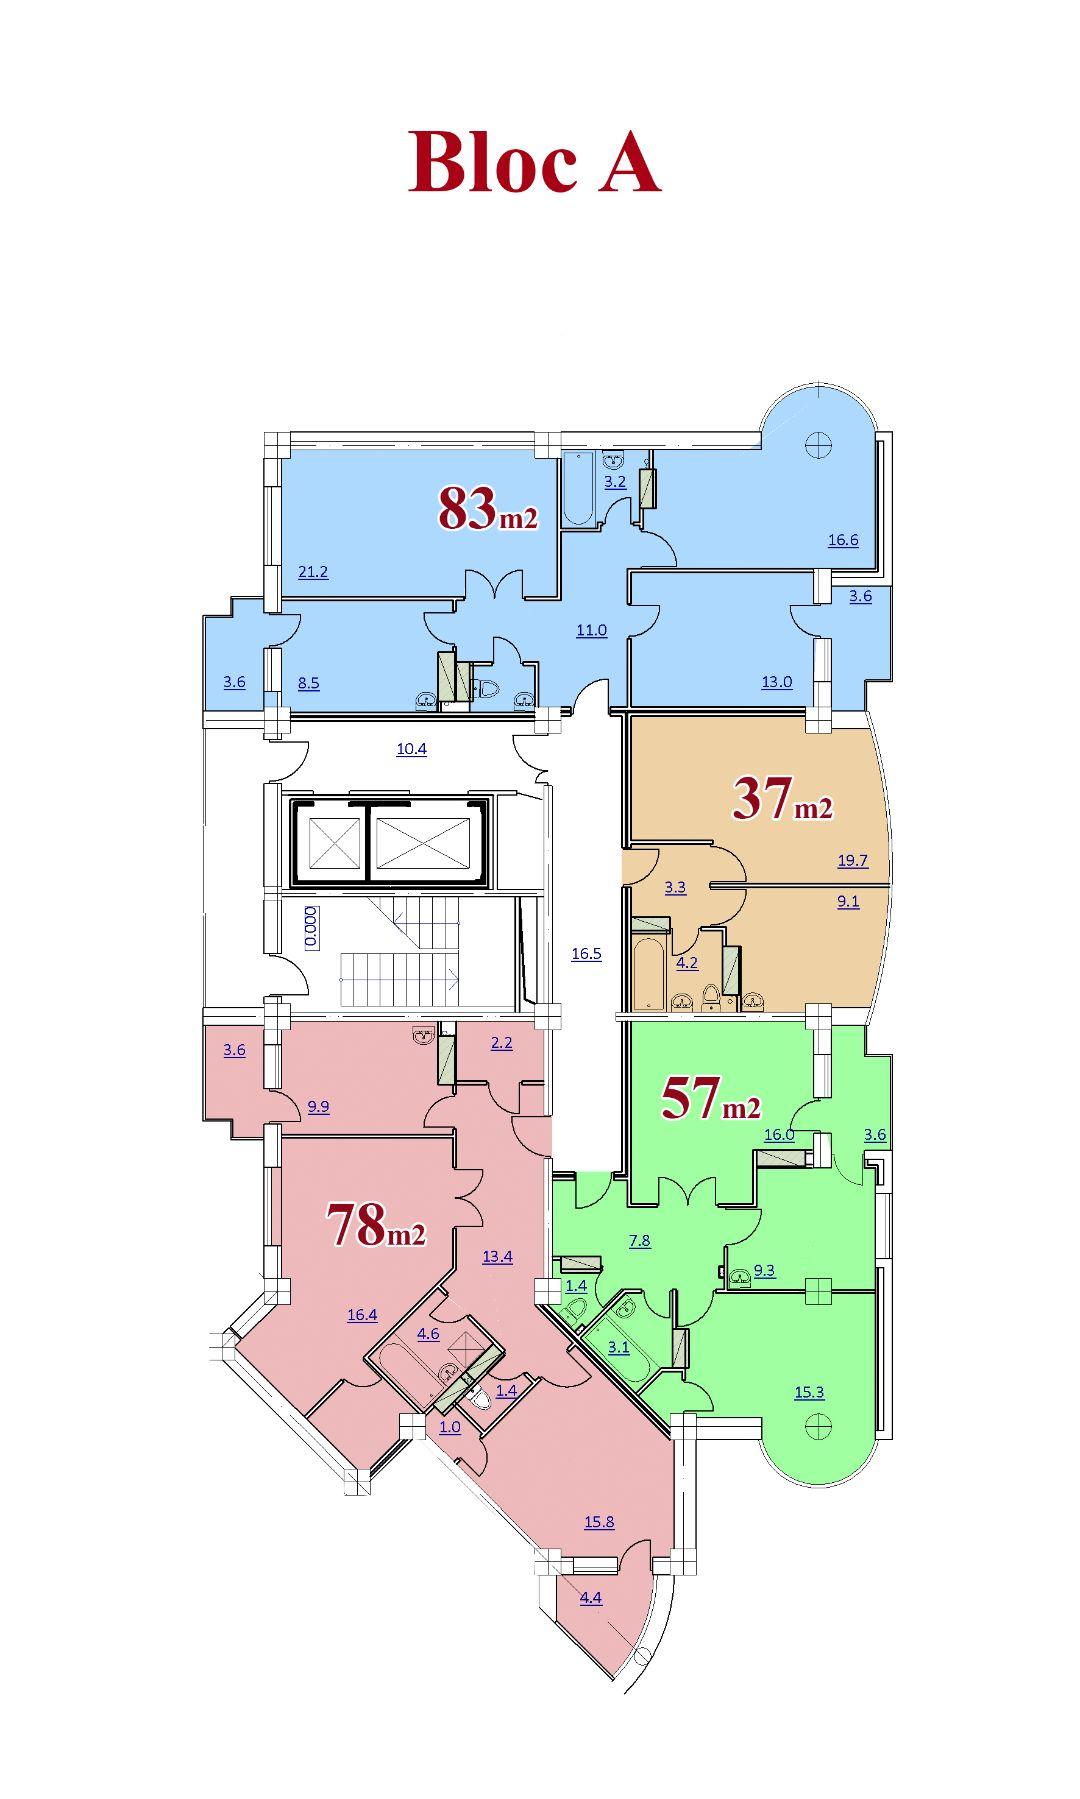 Vedere planica etaj bloc A, 17 etaje